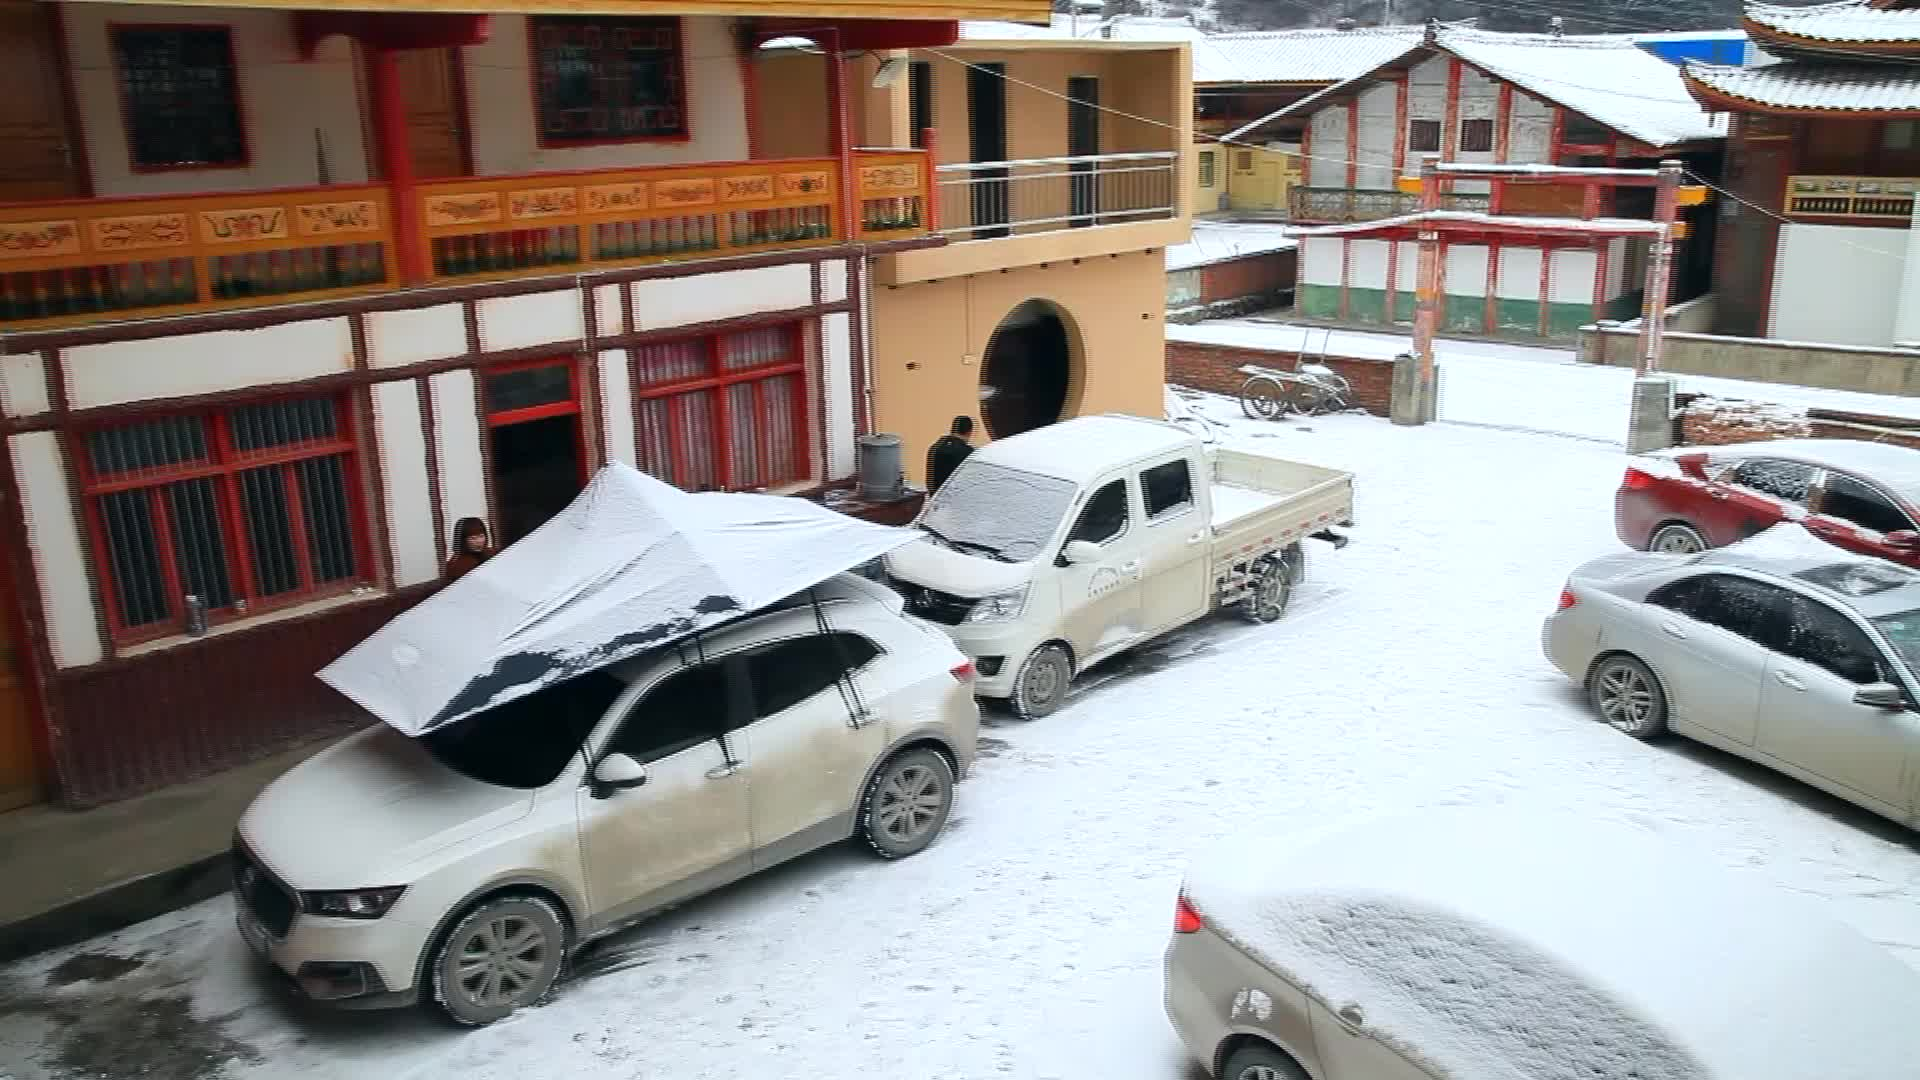 Kablosuz Katlanabilir Otomatik Cam Şemsiye Dolu Koruma Buz Don Geçirmez Kar araba kılıfı